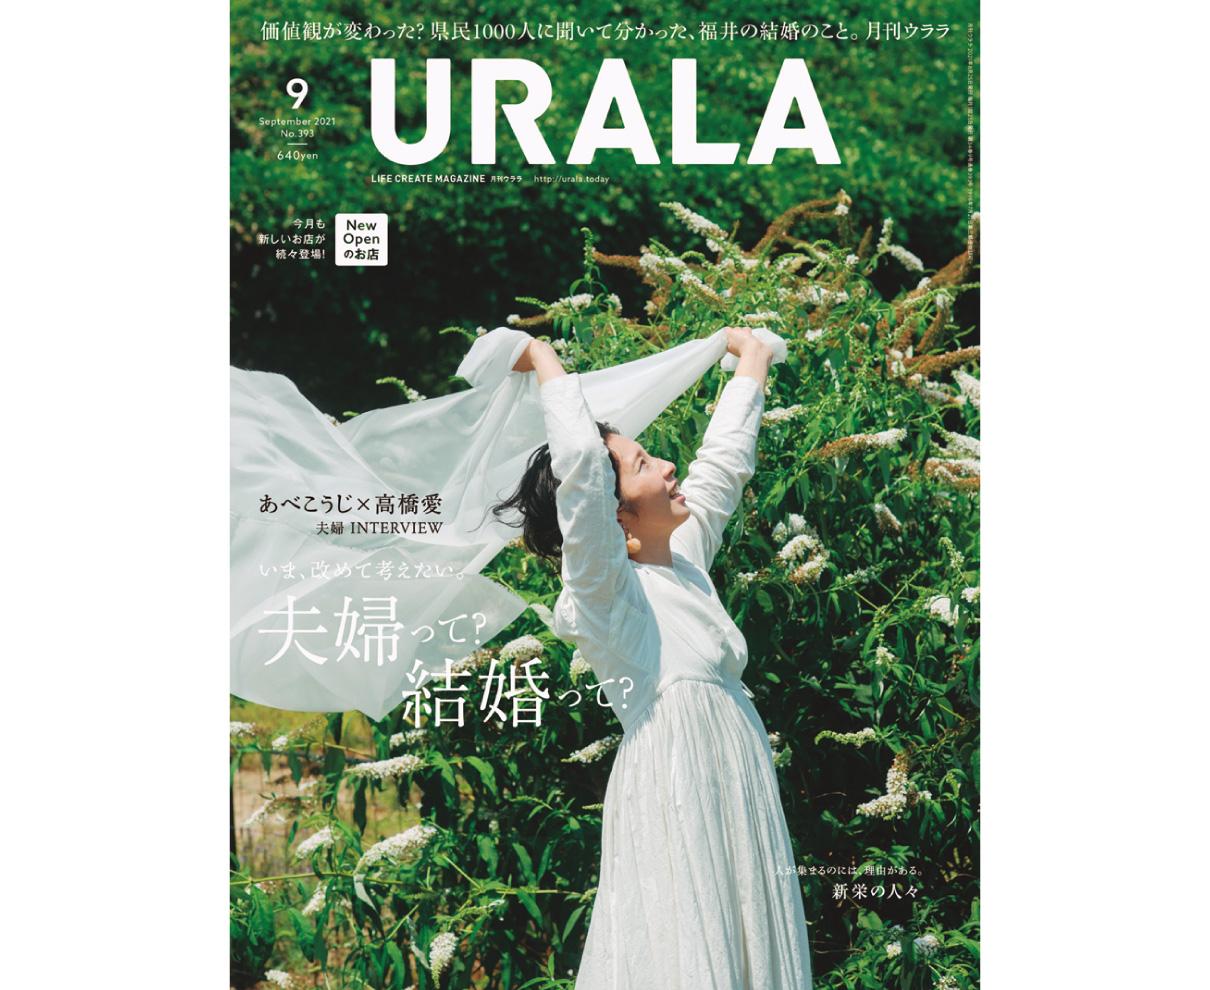 今改めて、結婚。そして夫婦について考えよう。月刊ウララ9月号発刊。